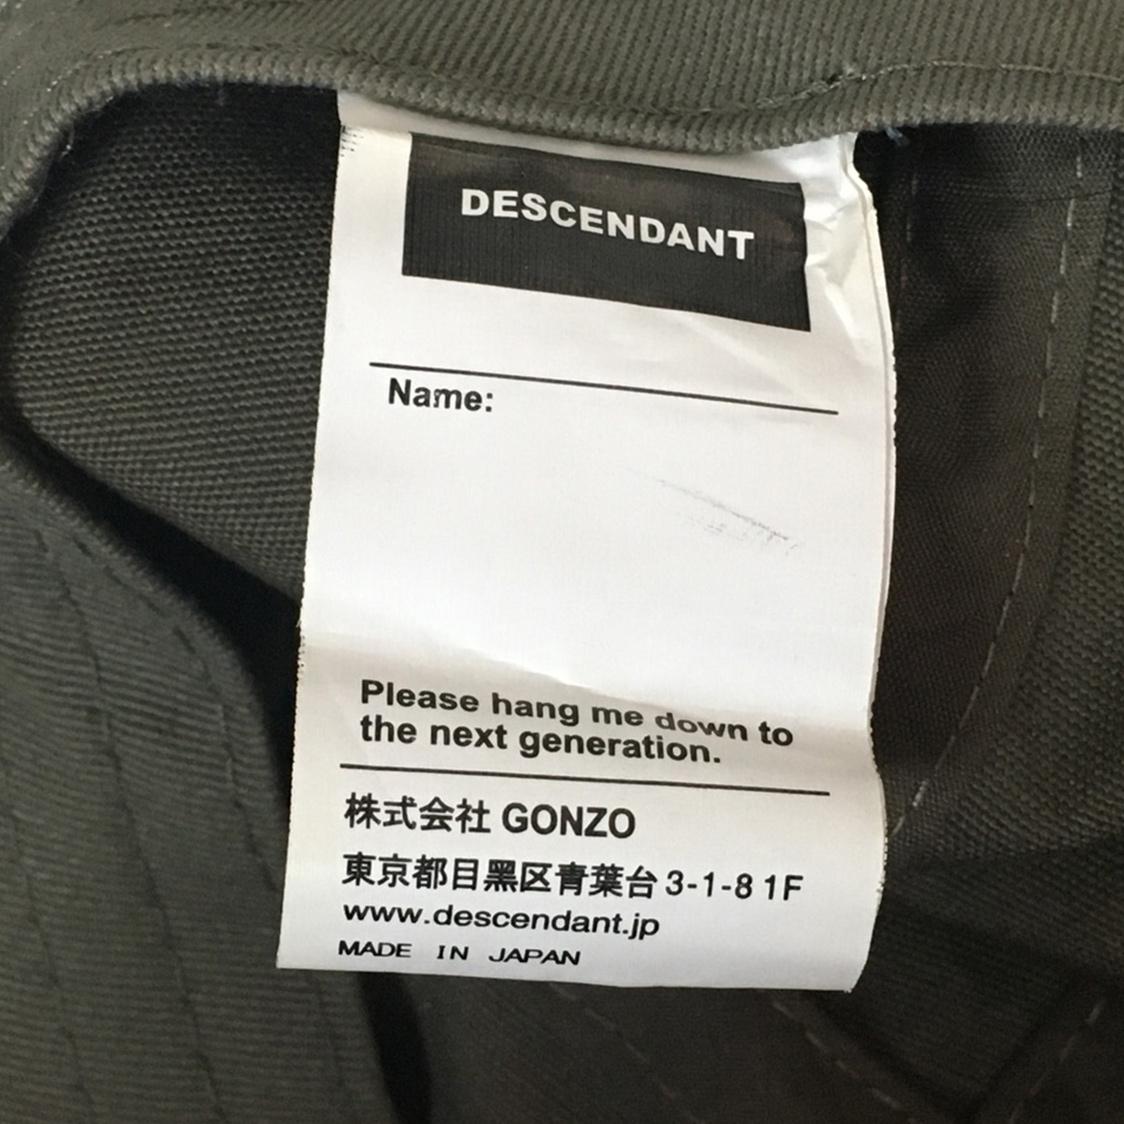 DESCENDANT ディセンダント【Fサイズ】BOX FIVE PANEL CAP 5パネル キャップ ボックスロゴ カーキ / WTAPS ダブルタップス